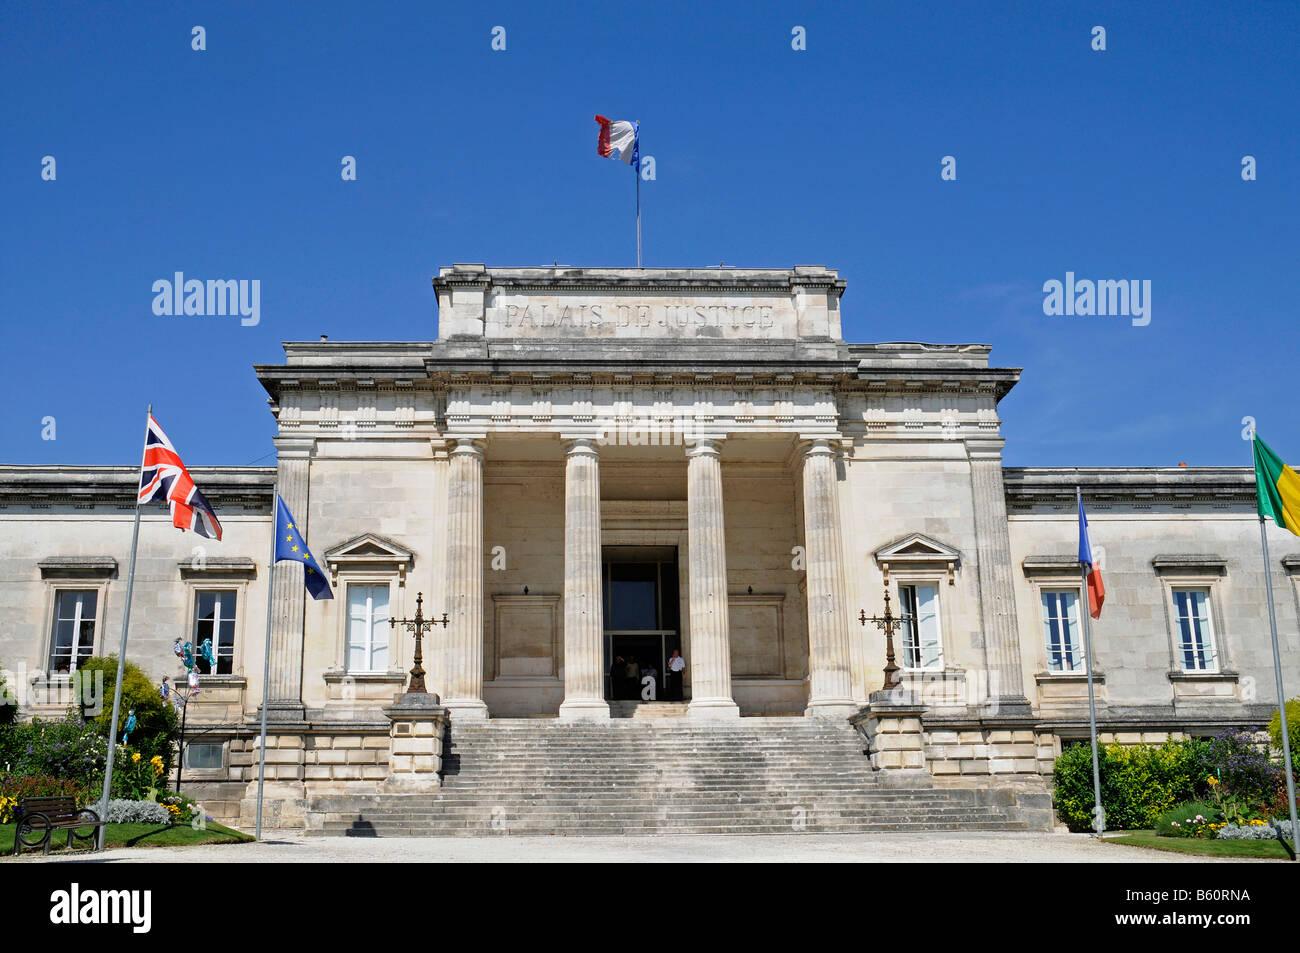 Law courts, Saintes, Poitou Charentes, France, Europe - Stock Image